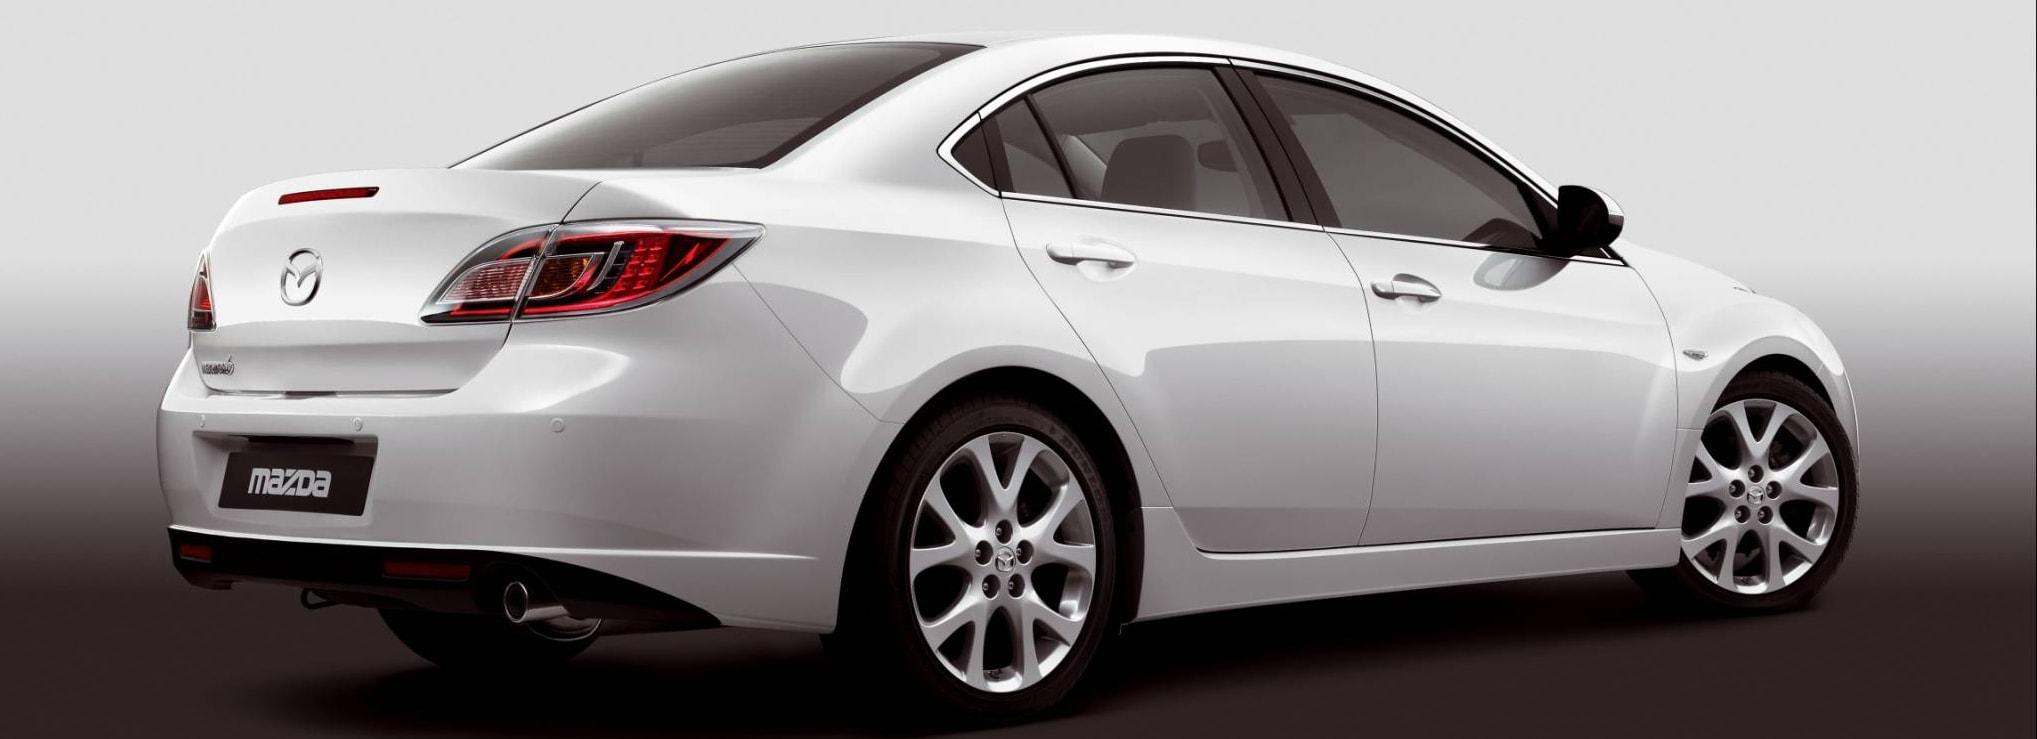 Стоимость работ для Mazda 6 в Автосервисе СарСто